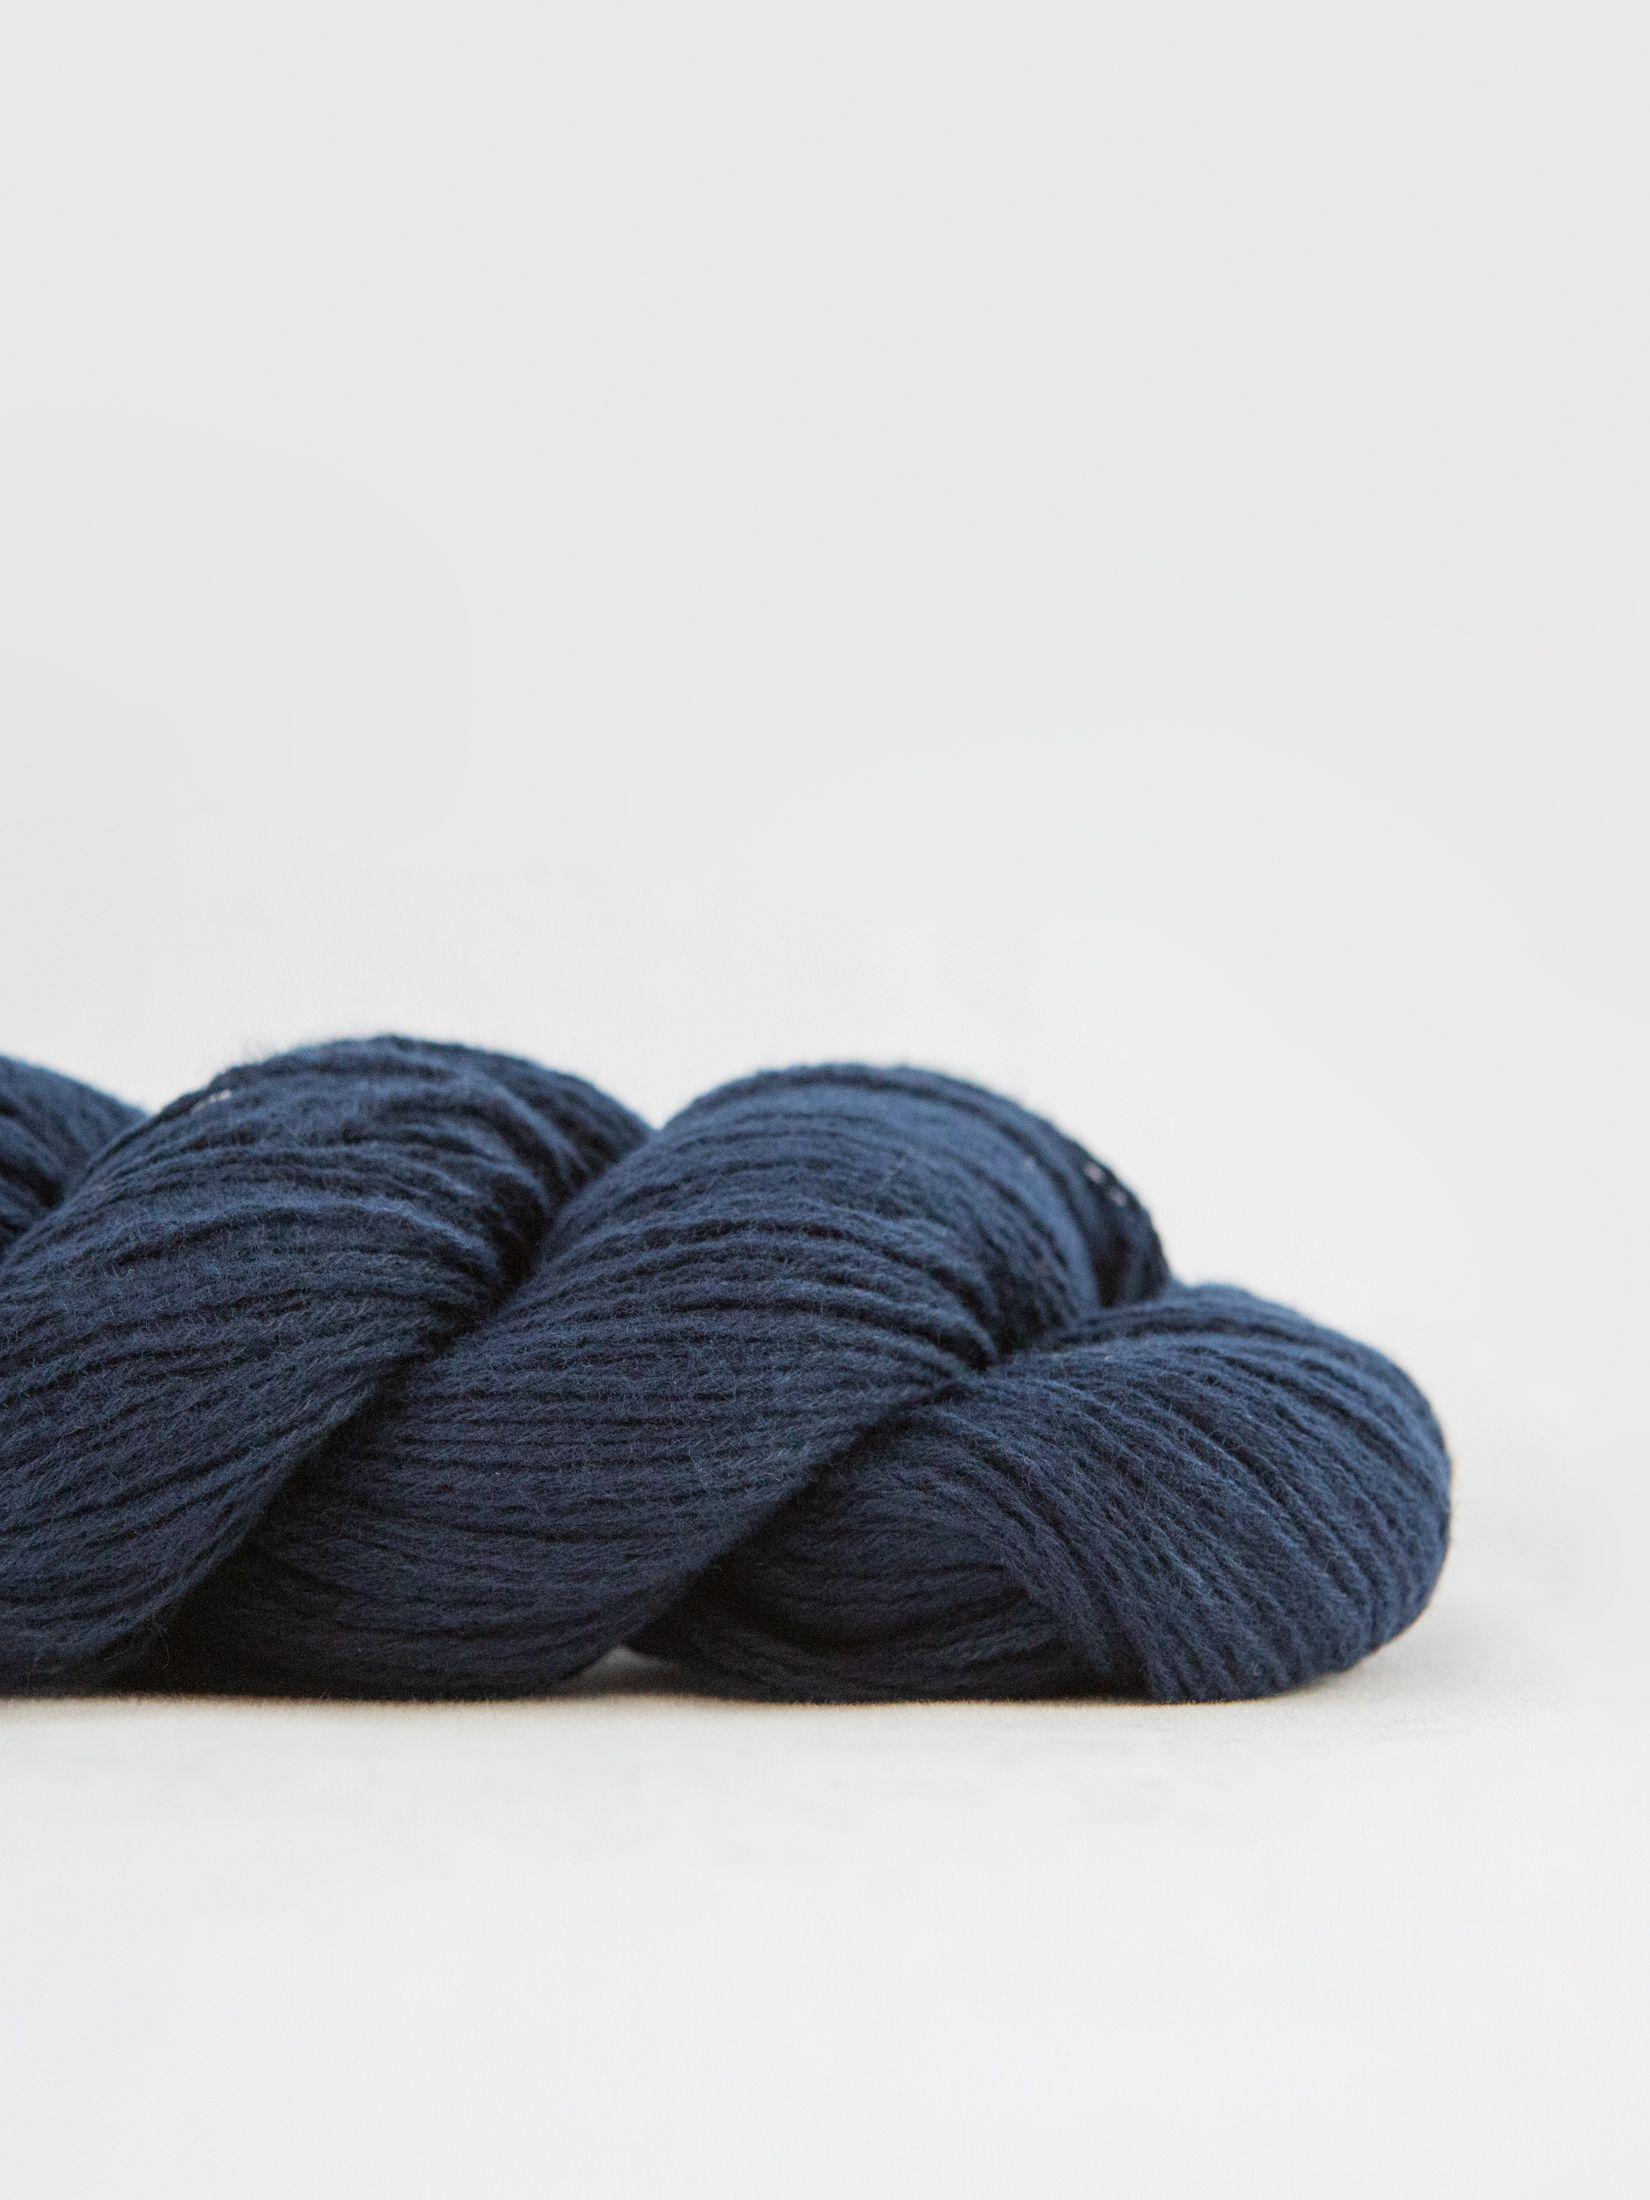 Fern cotton yarn yarn knitting yarn